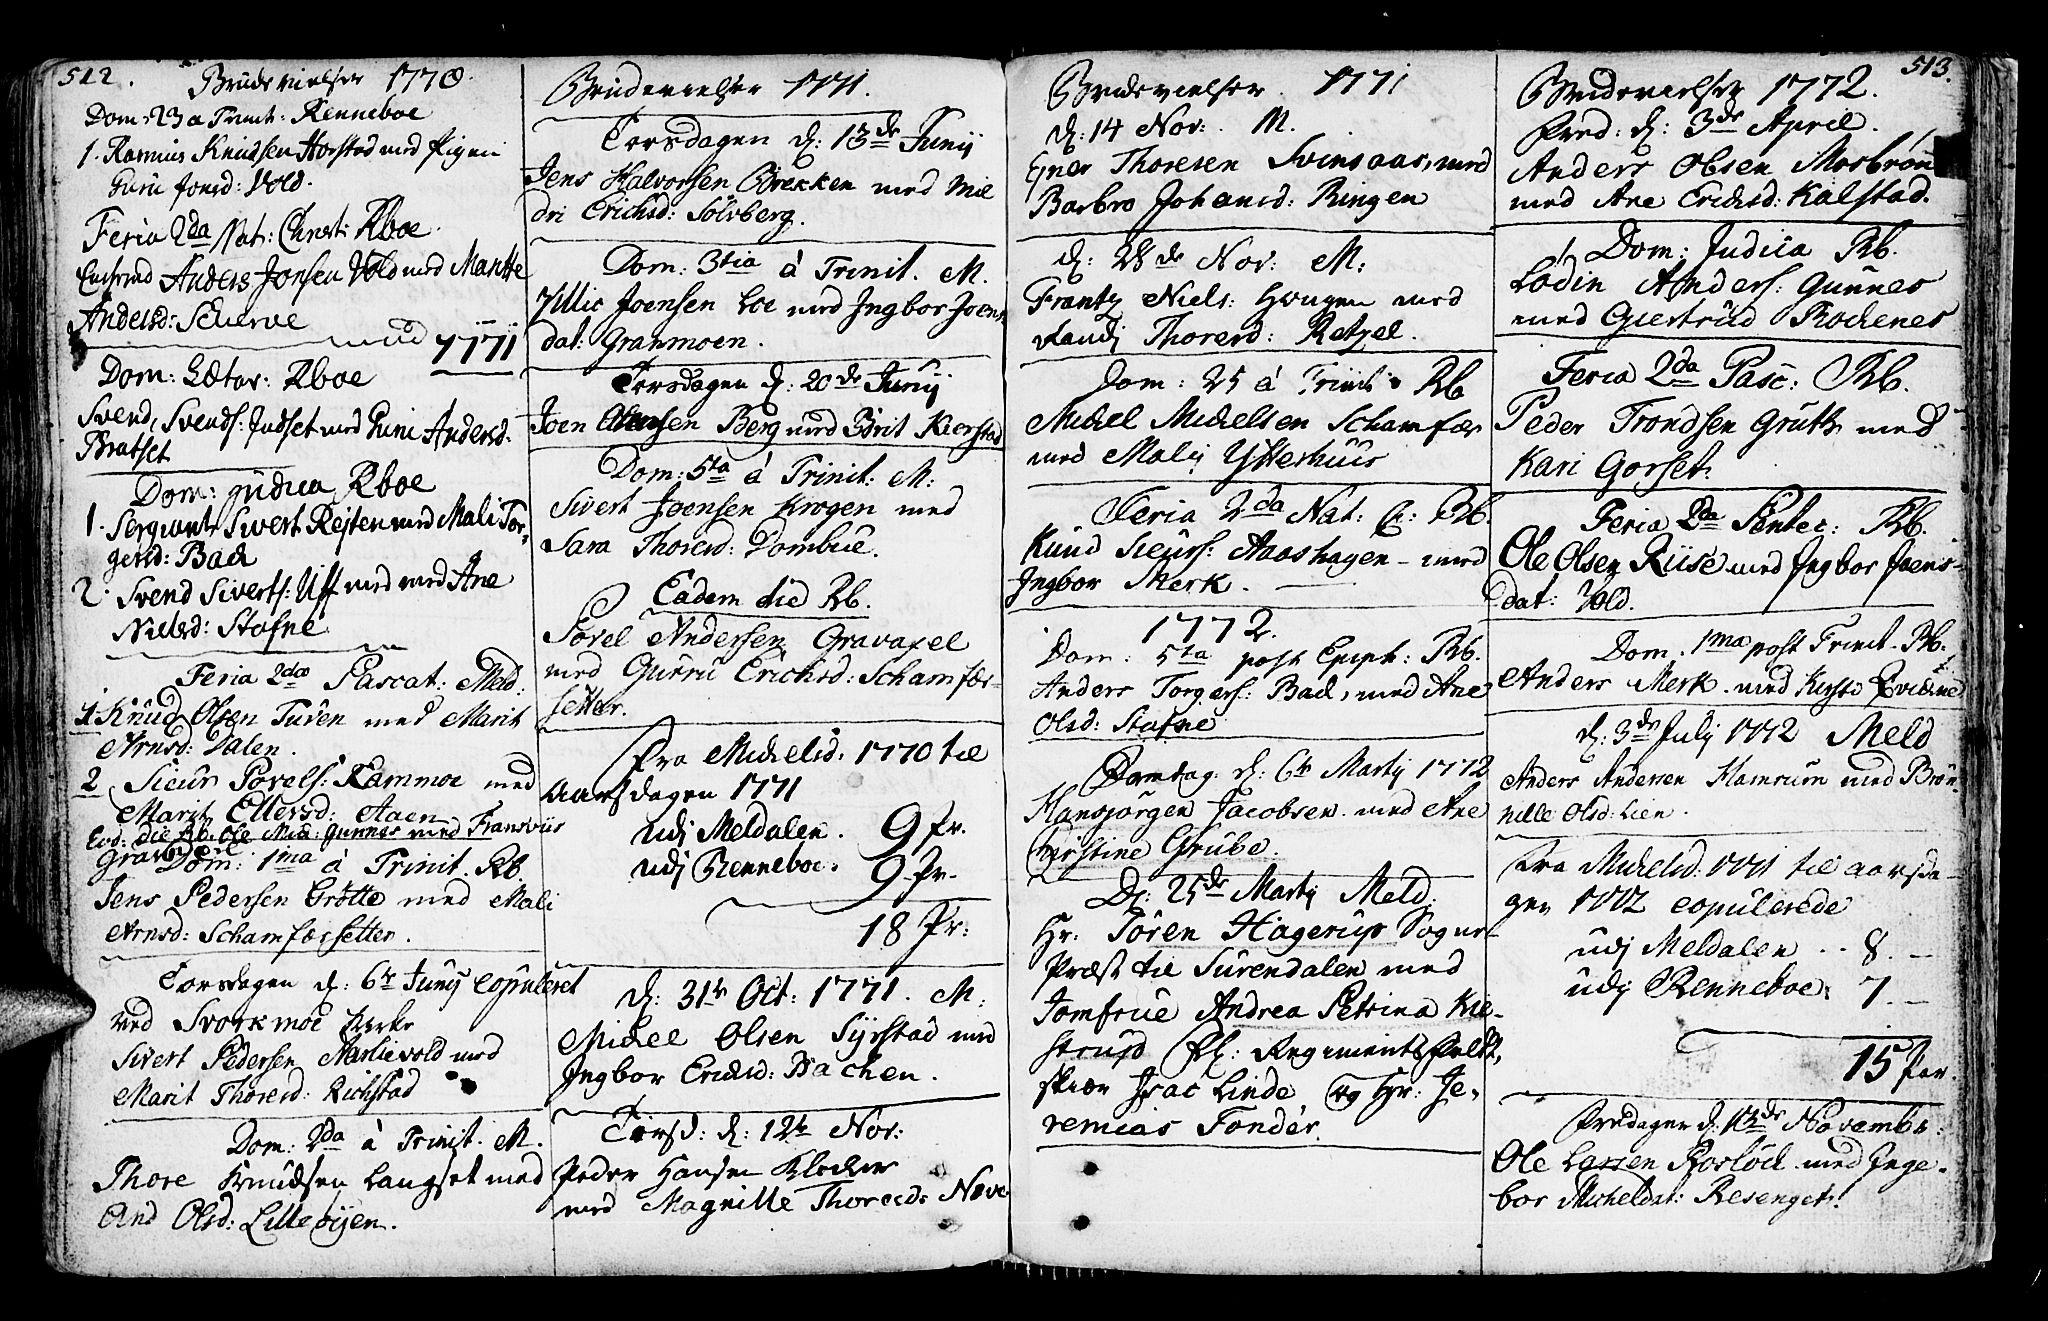 SAT, Ministerialprotokoller, klokkerbøker og fødselsregistre - Sør-Trøndelag, 672/L0851: Ministerialbok nr. 672A04, 1751-1775, s. 512-513